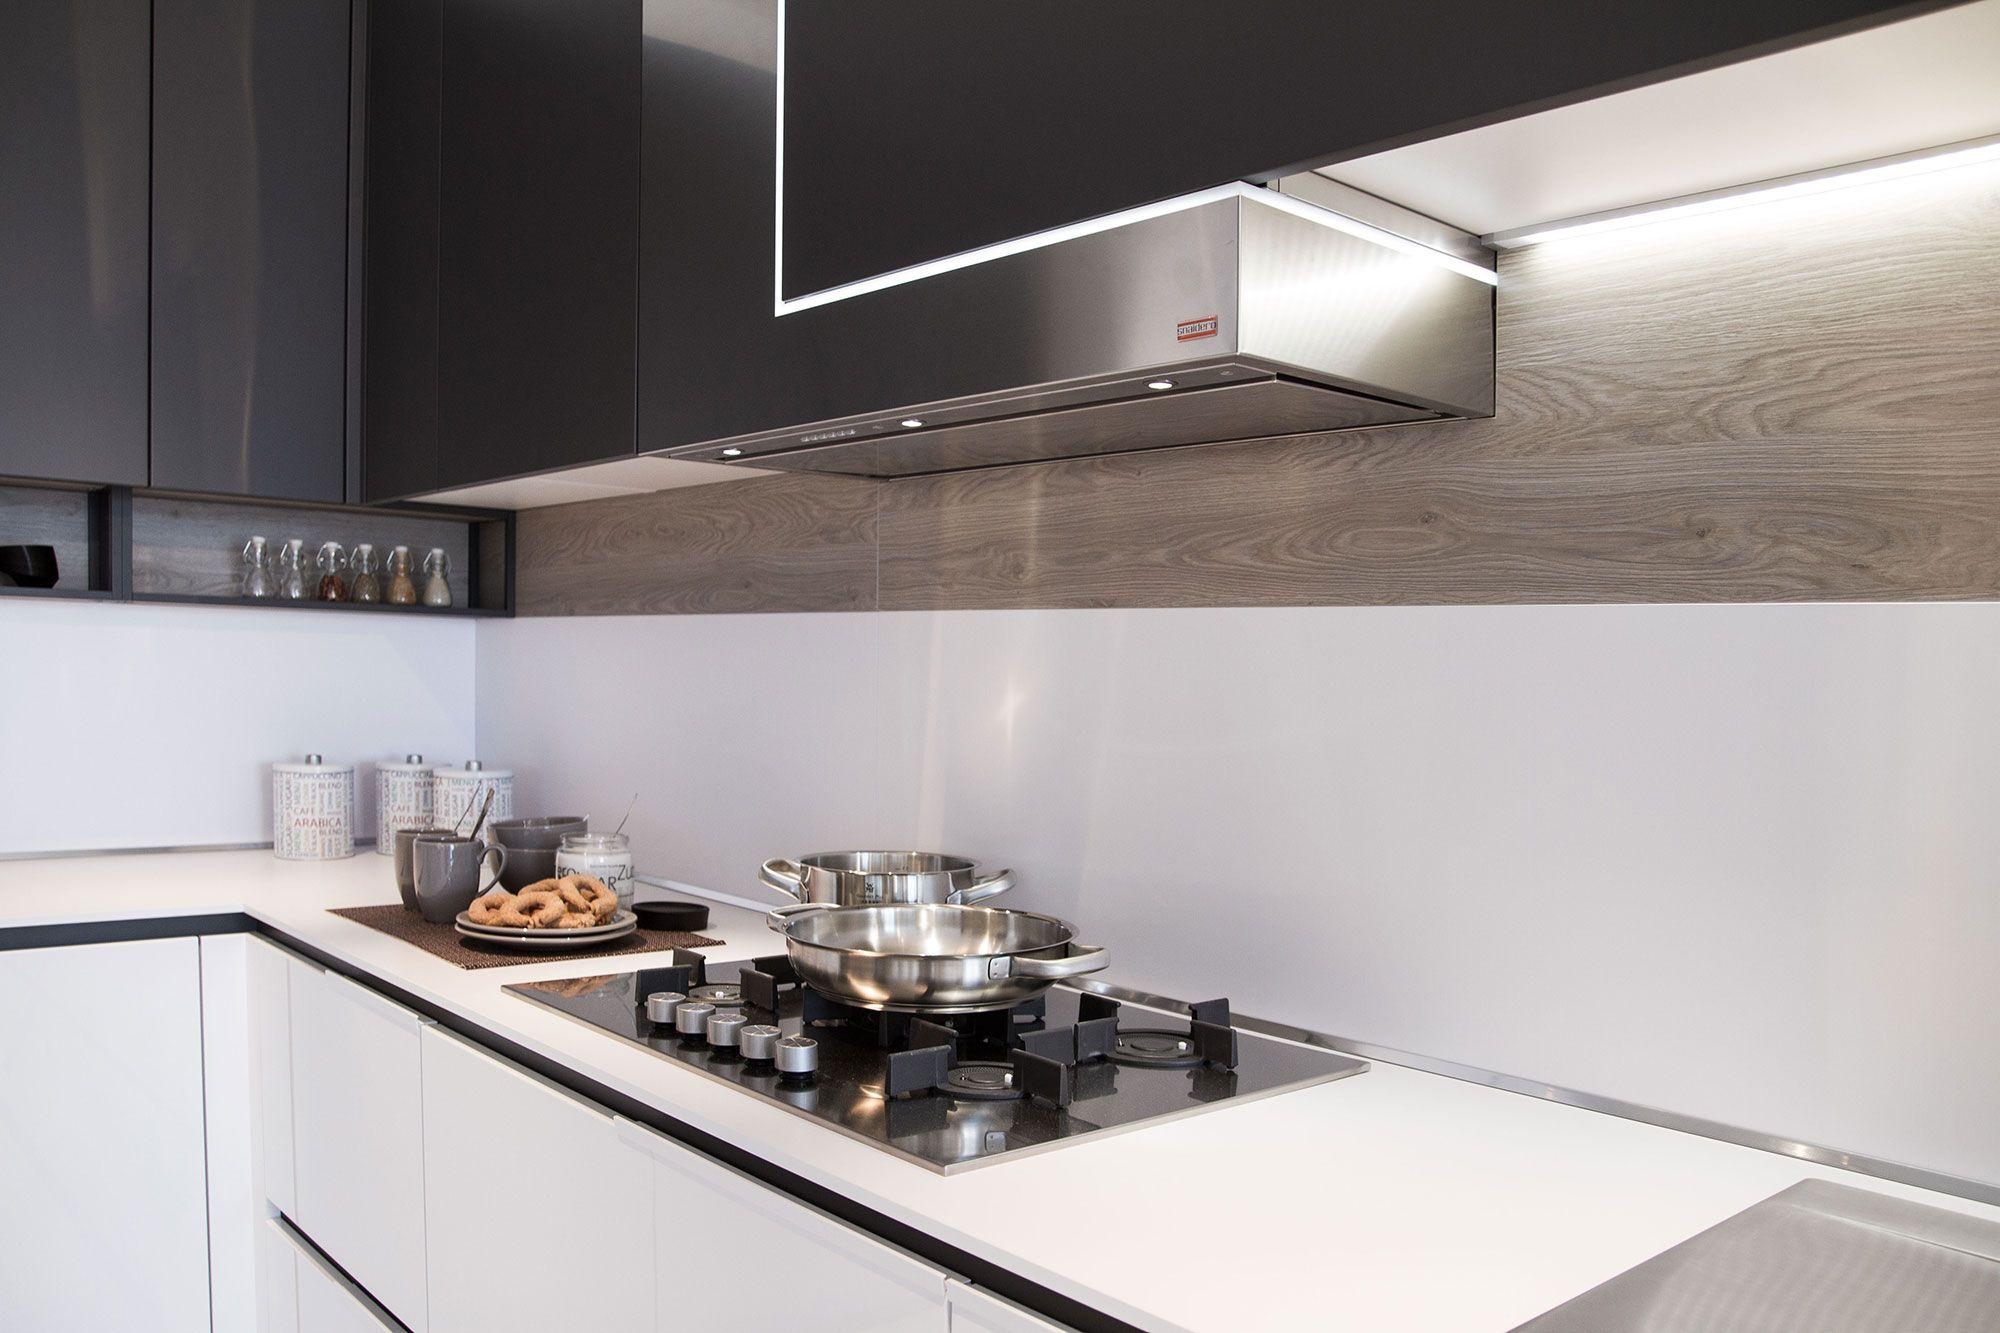 schienale cucina in vetro - Cerca con Google | Kitchen | Pinterest ...